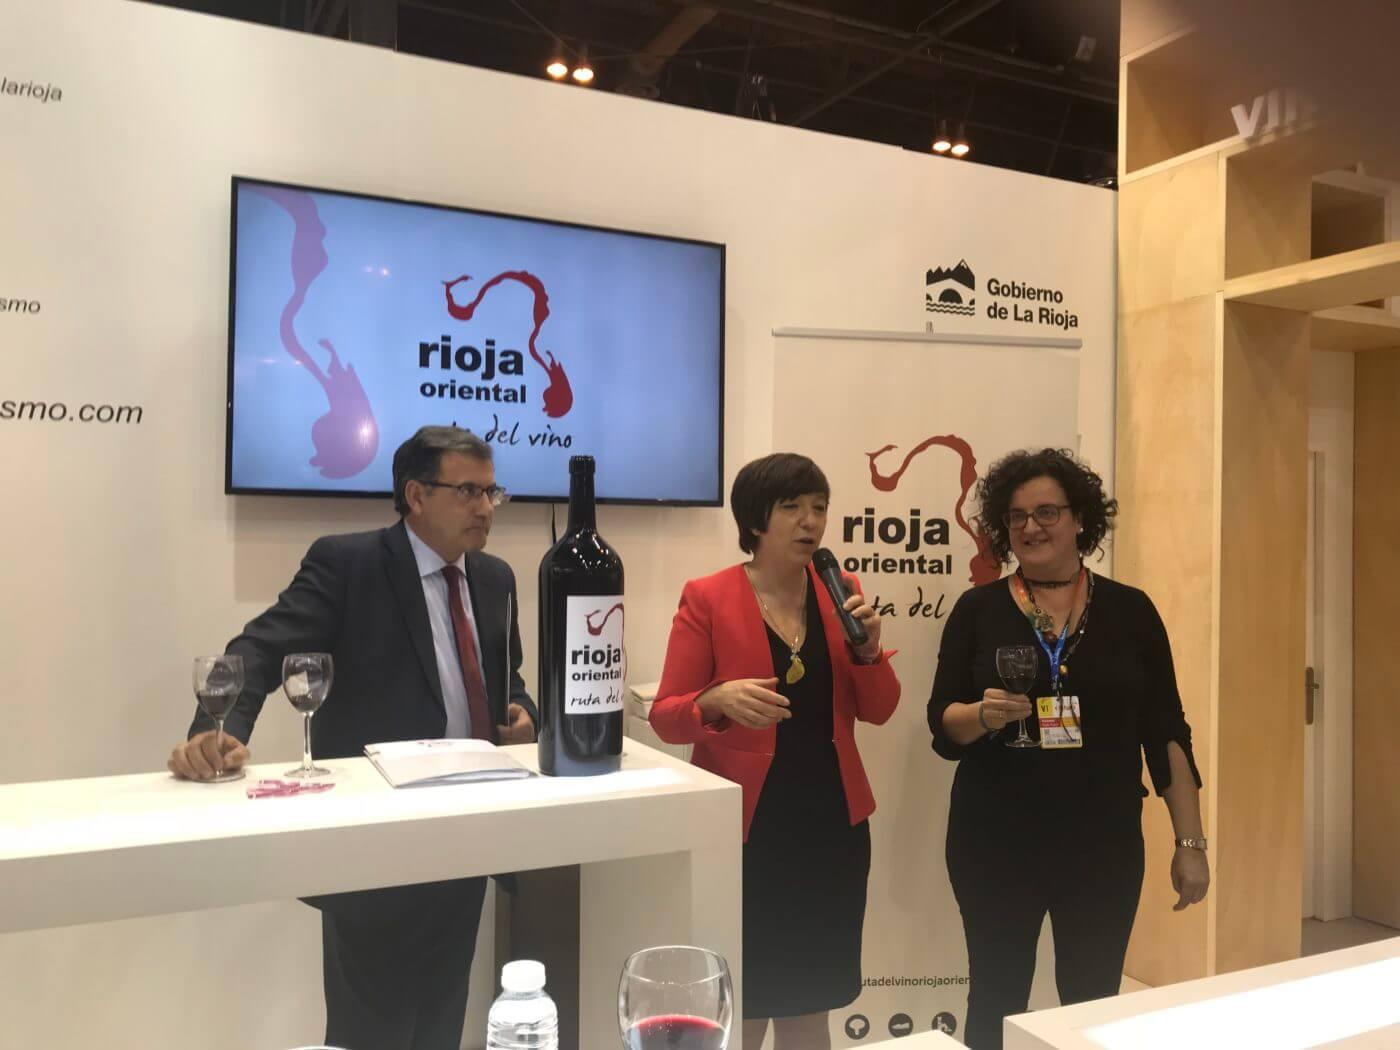 La Ruta del Vino de Rioja Oriental realizará dos presentaciones en FITUR el próximo 22 de enero